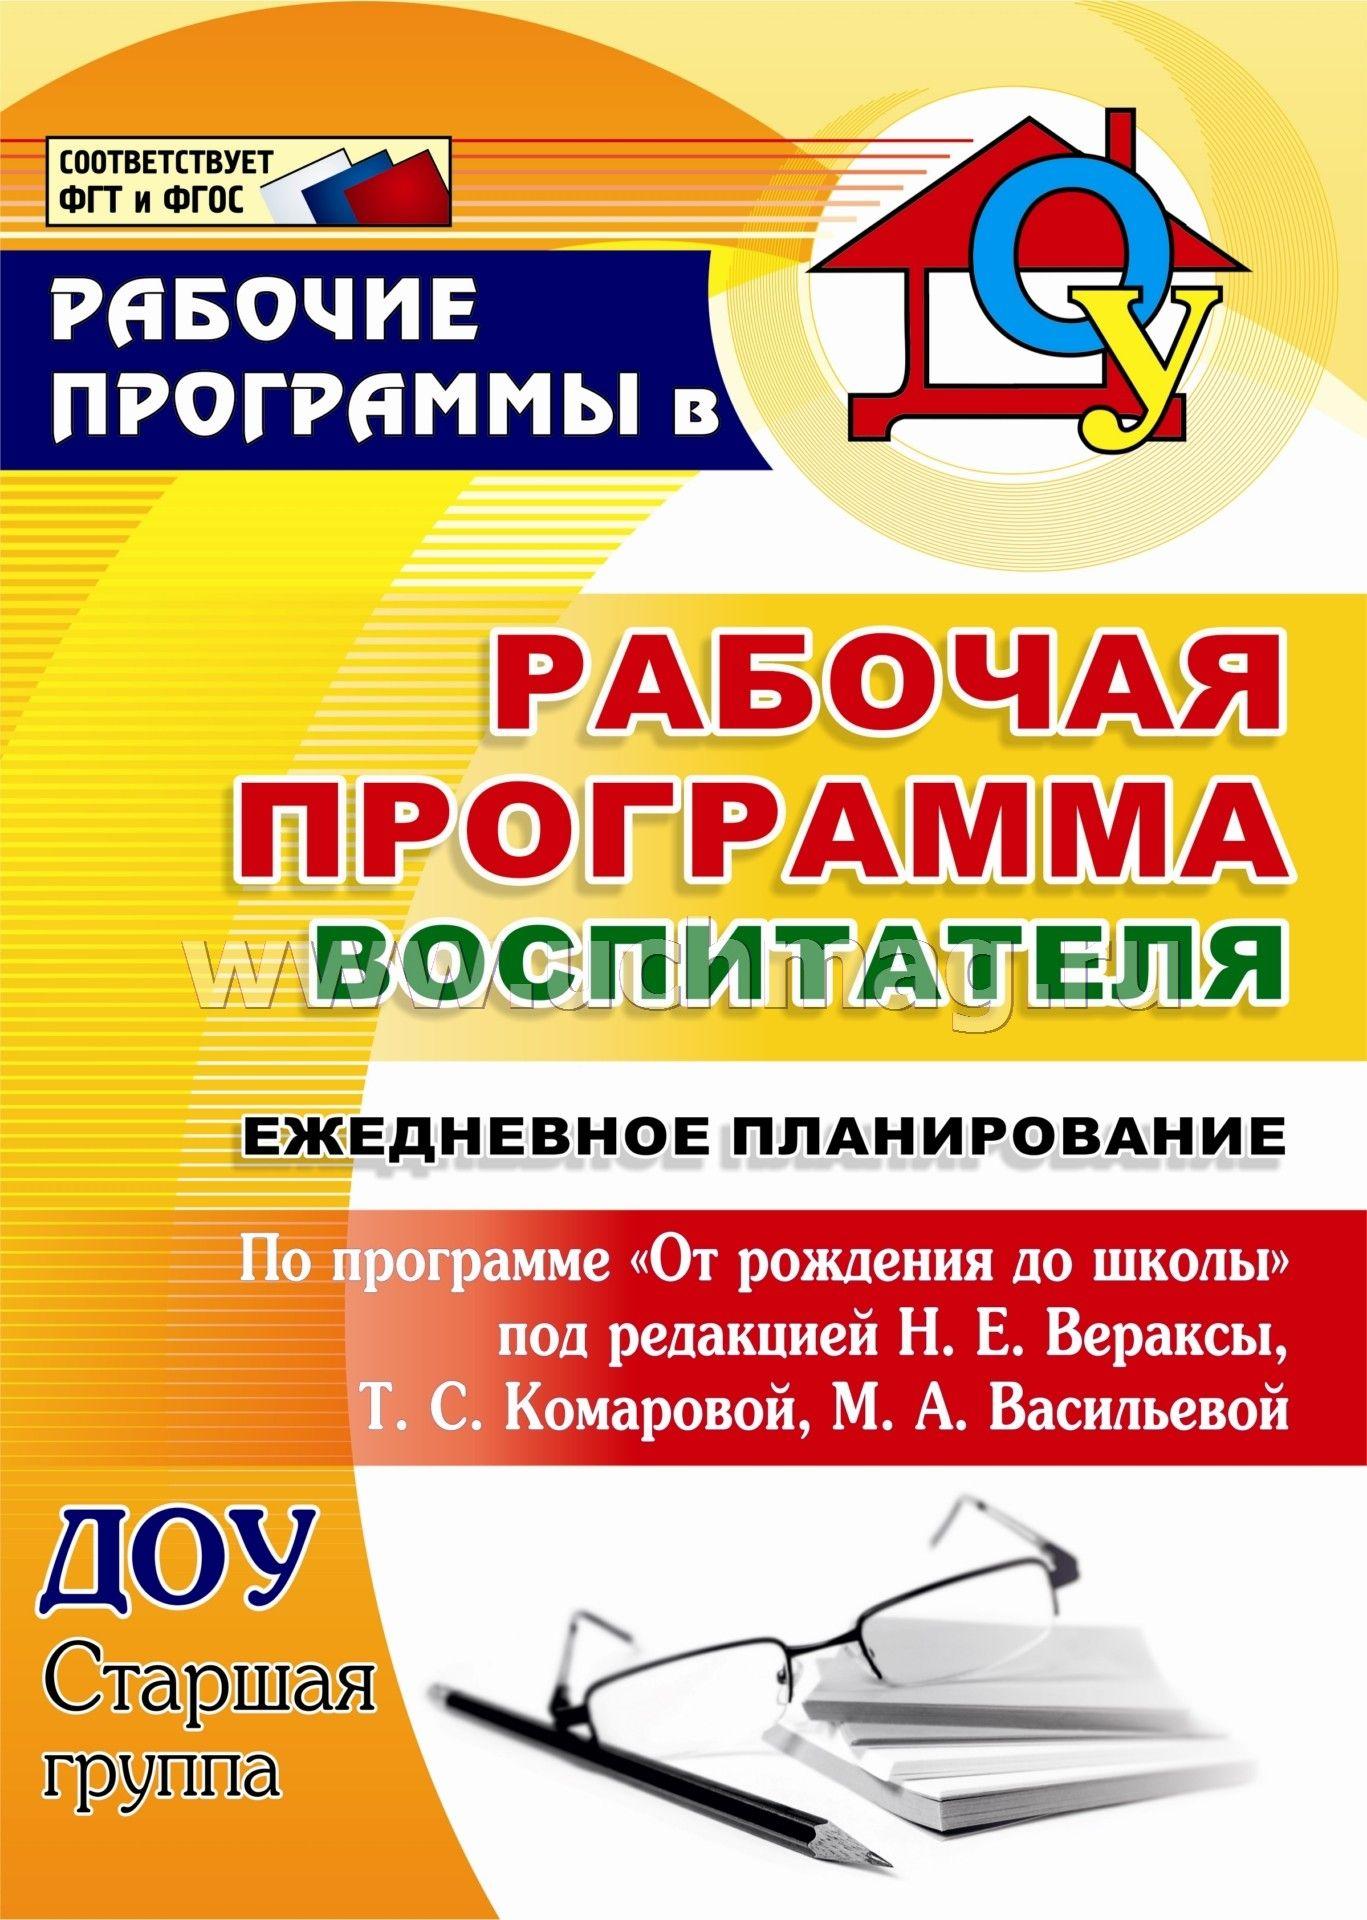 Гладышева рабочая программа воспитателя скачать